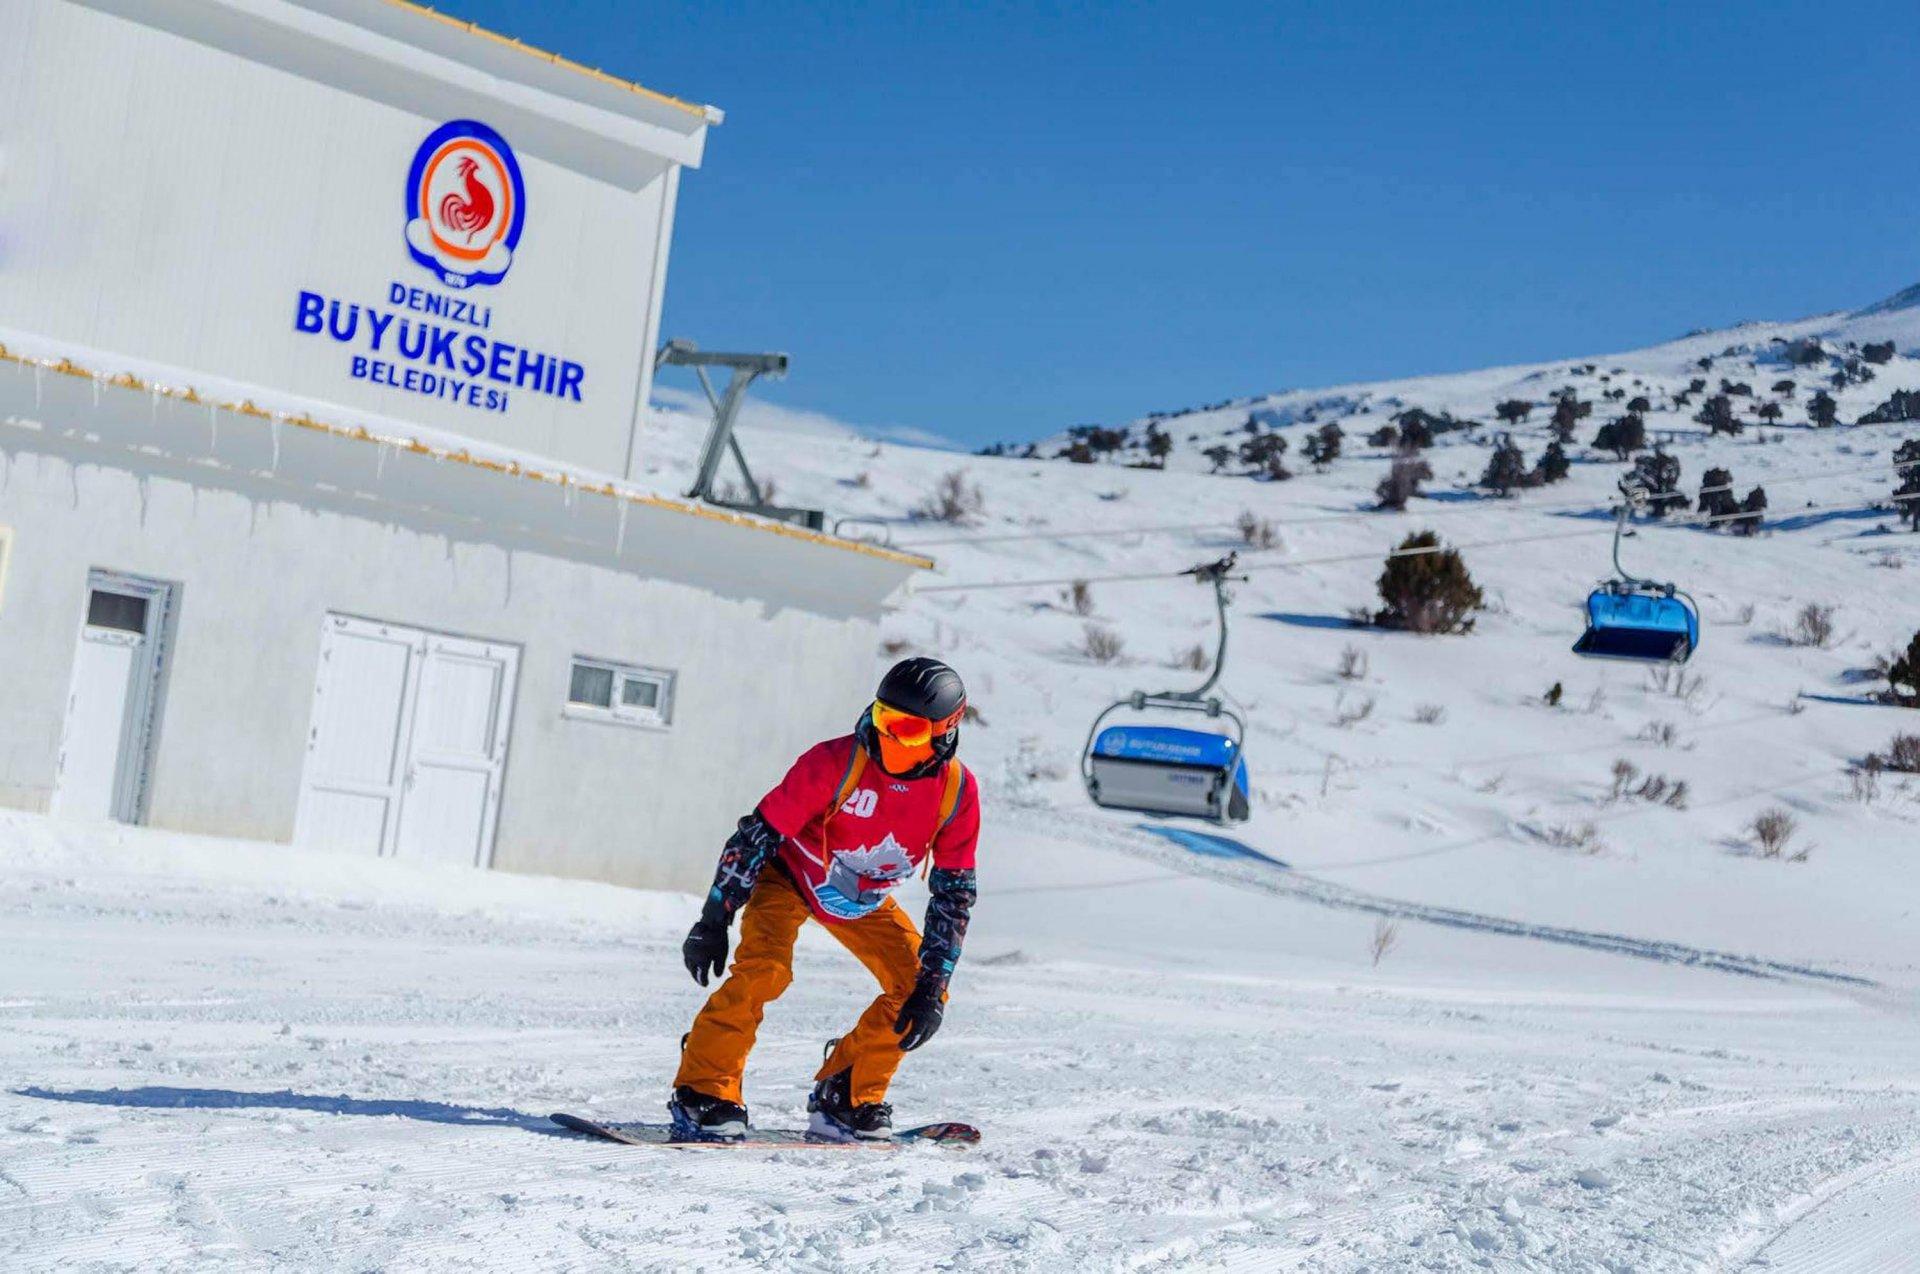 denizli-kayak-merkezi-pandemi-kurallarina-uygun-aciliyor-006-001.jpg